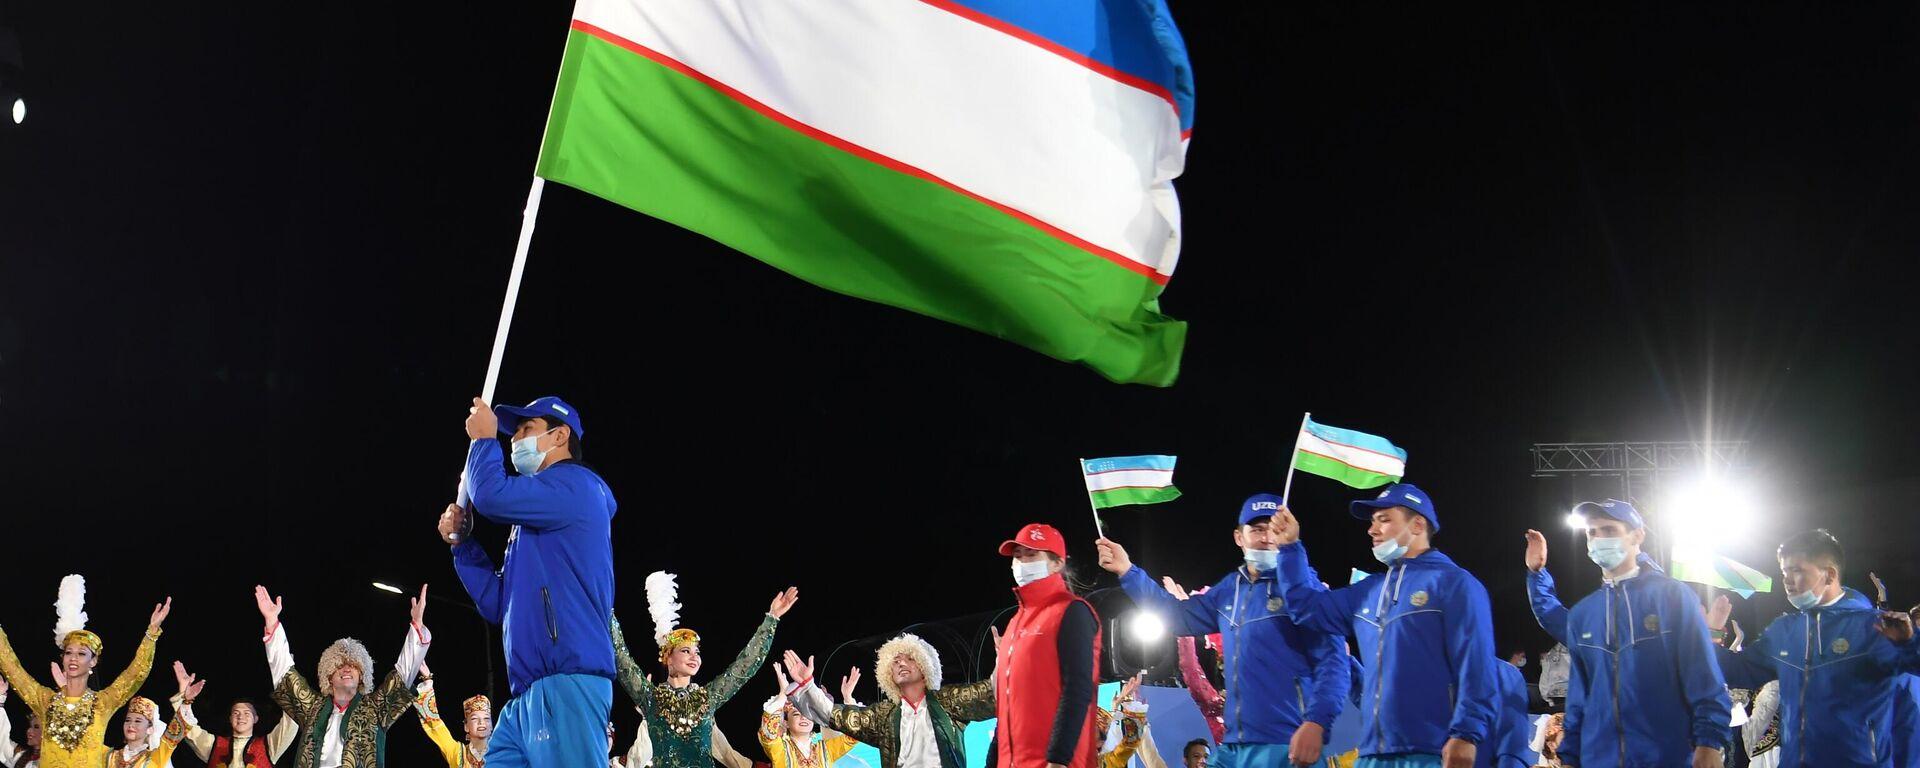 Представители команды Узбекистана на церемония открытия I Игр СНГ - Sputnik Ўзбекистон, 1920, 06.09.2021